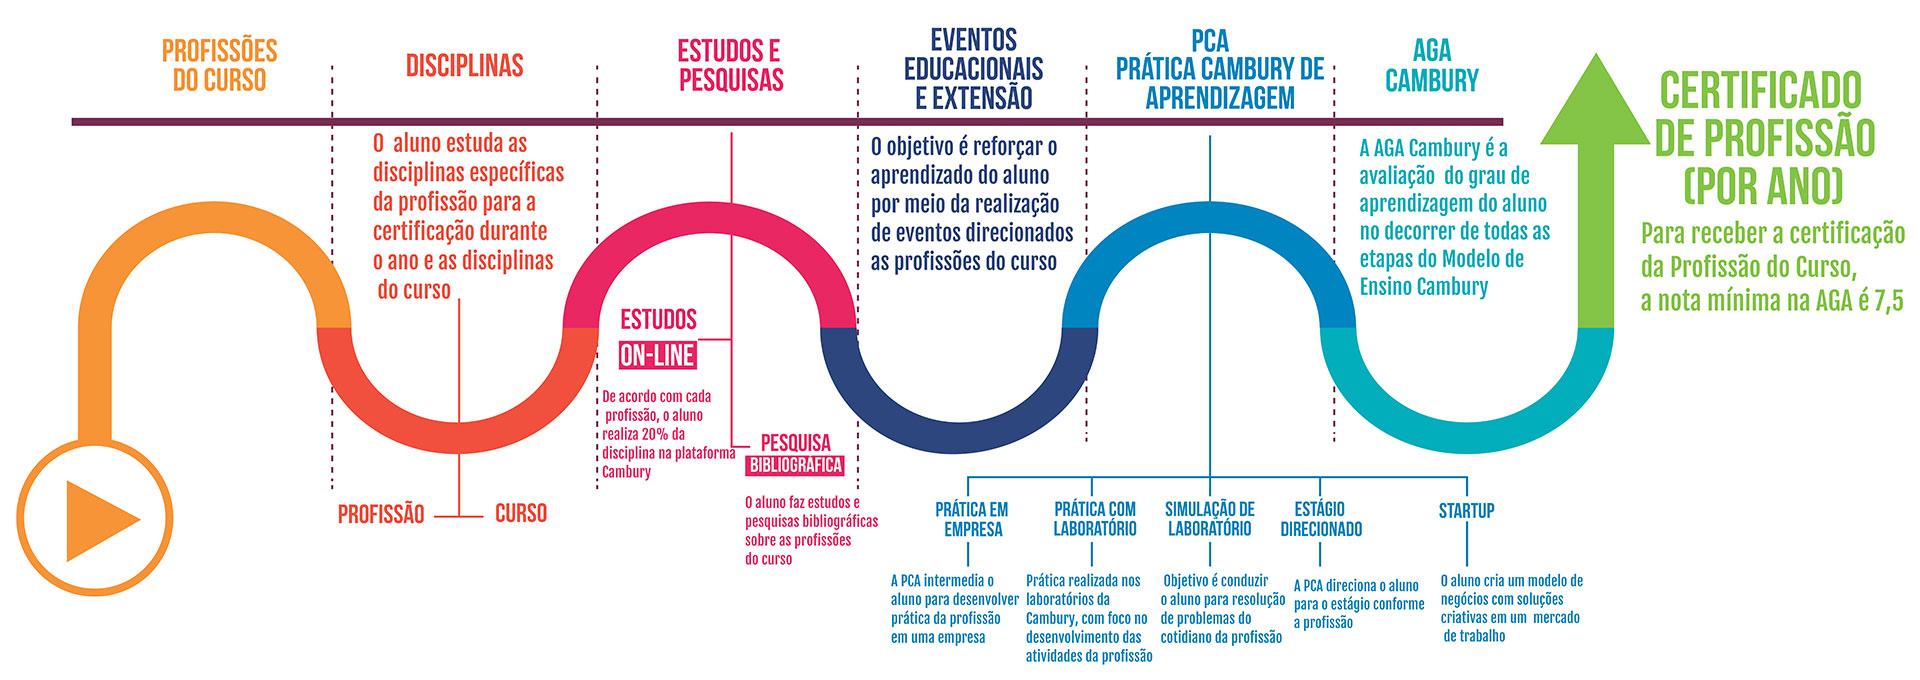 MODELO DE ENSINO CAMBURY